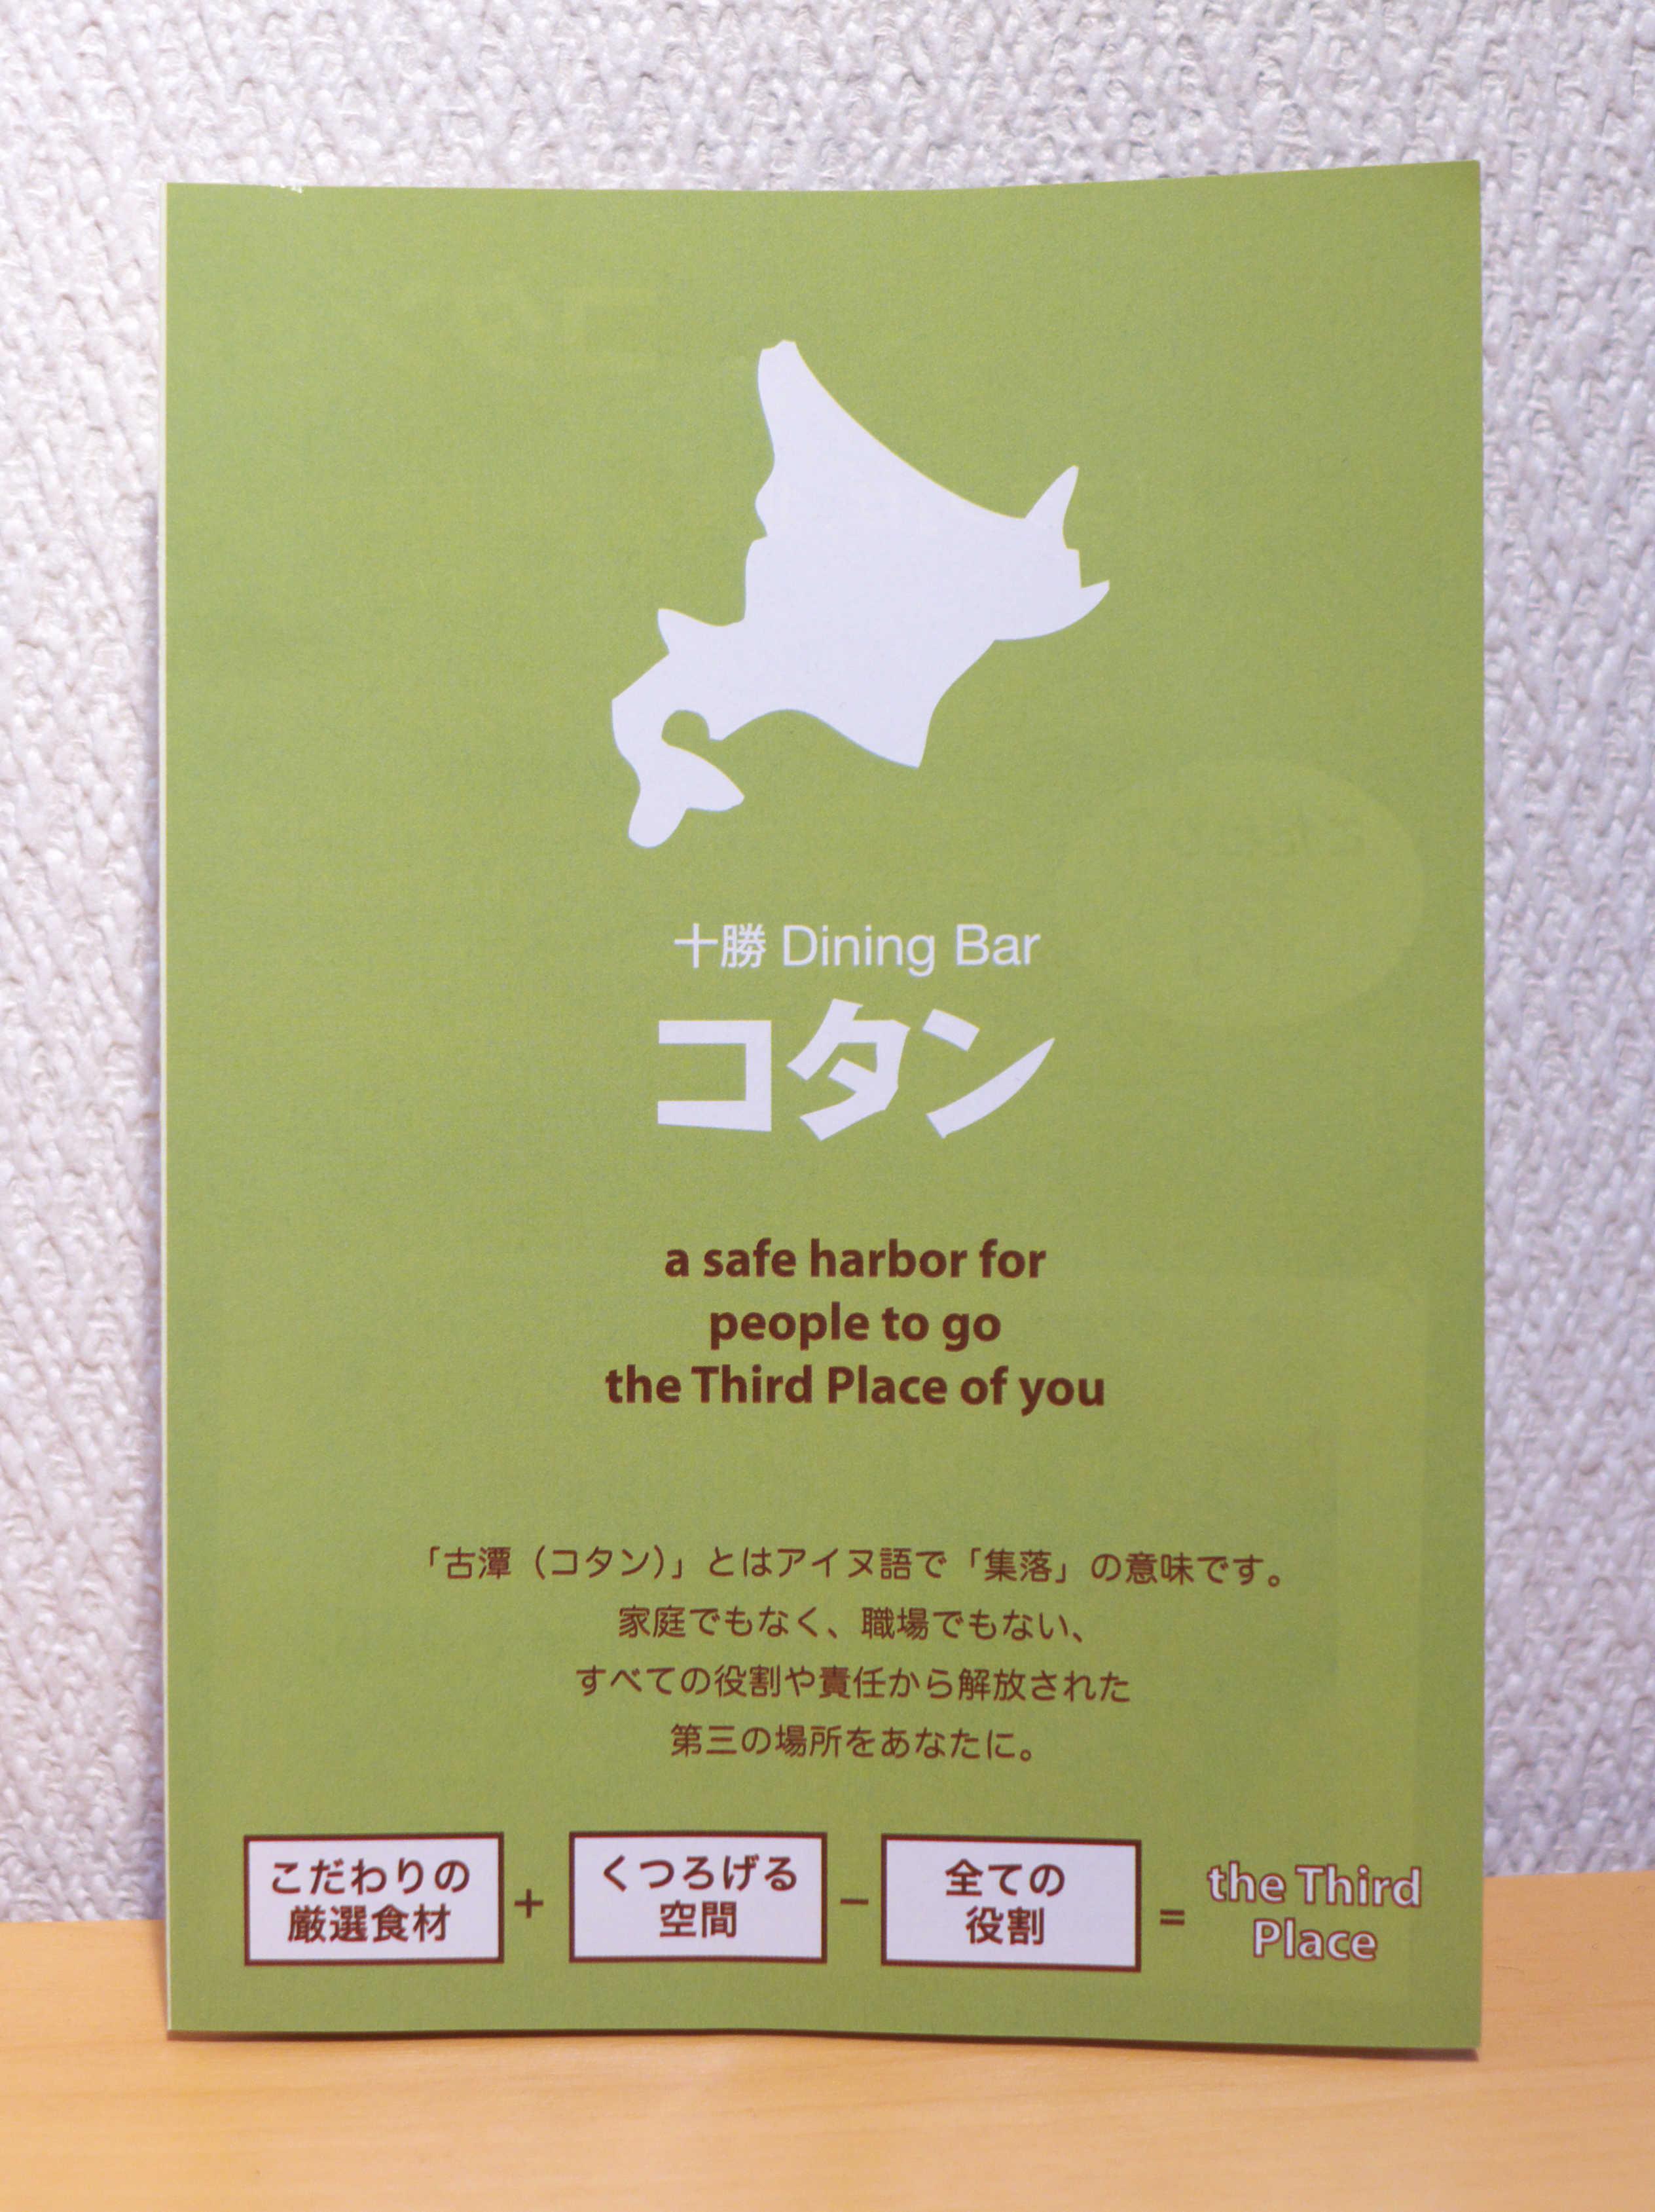 十勝 Dining Bar コタン